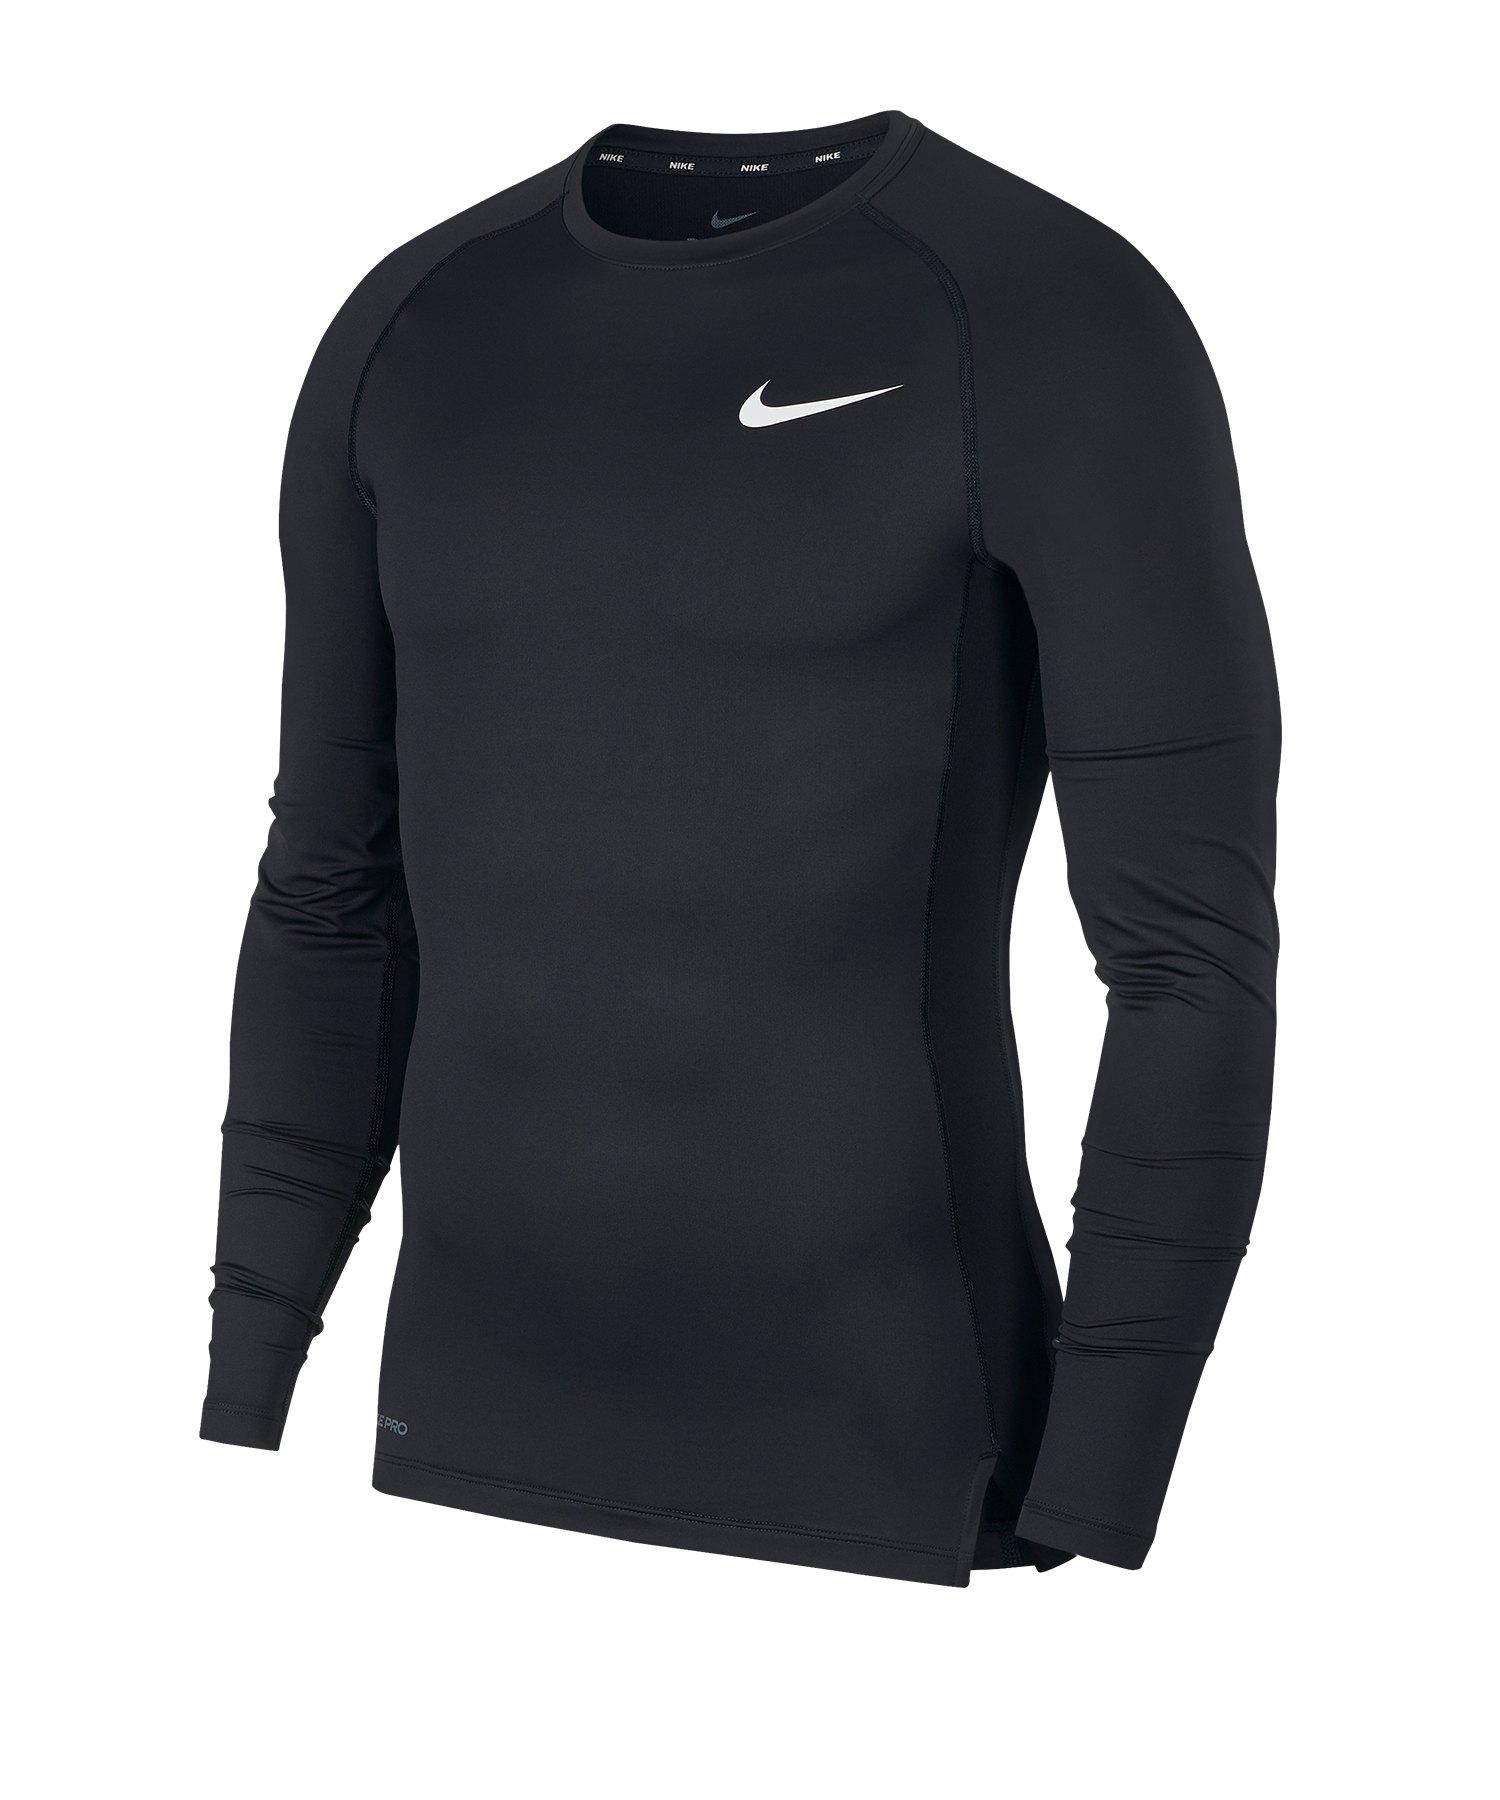 Nike Pro Langarmshirt Schwarz F010 - schwarz